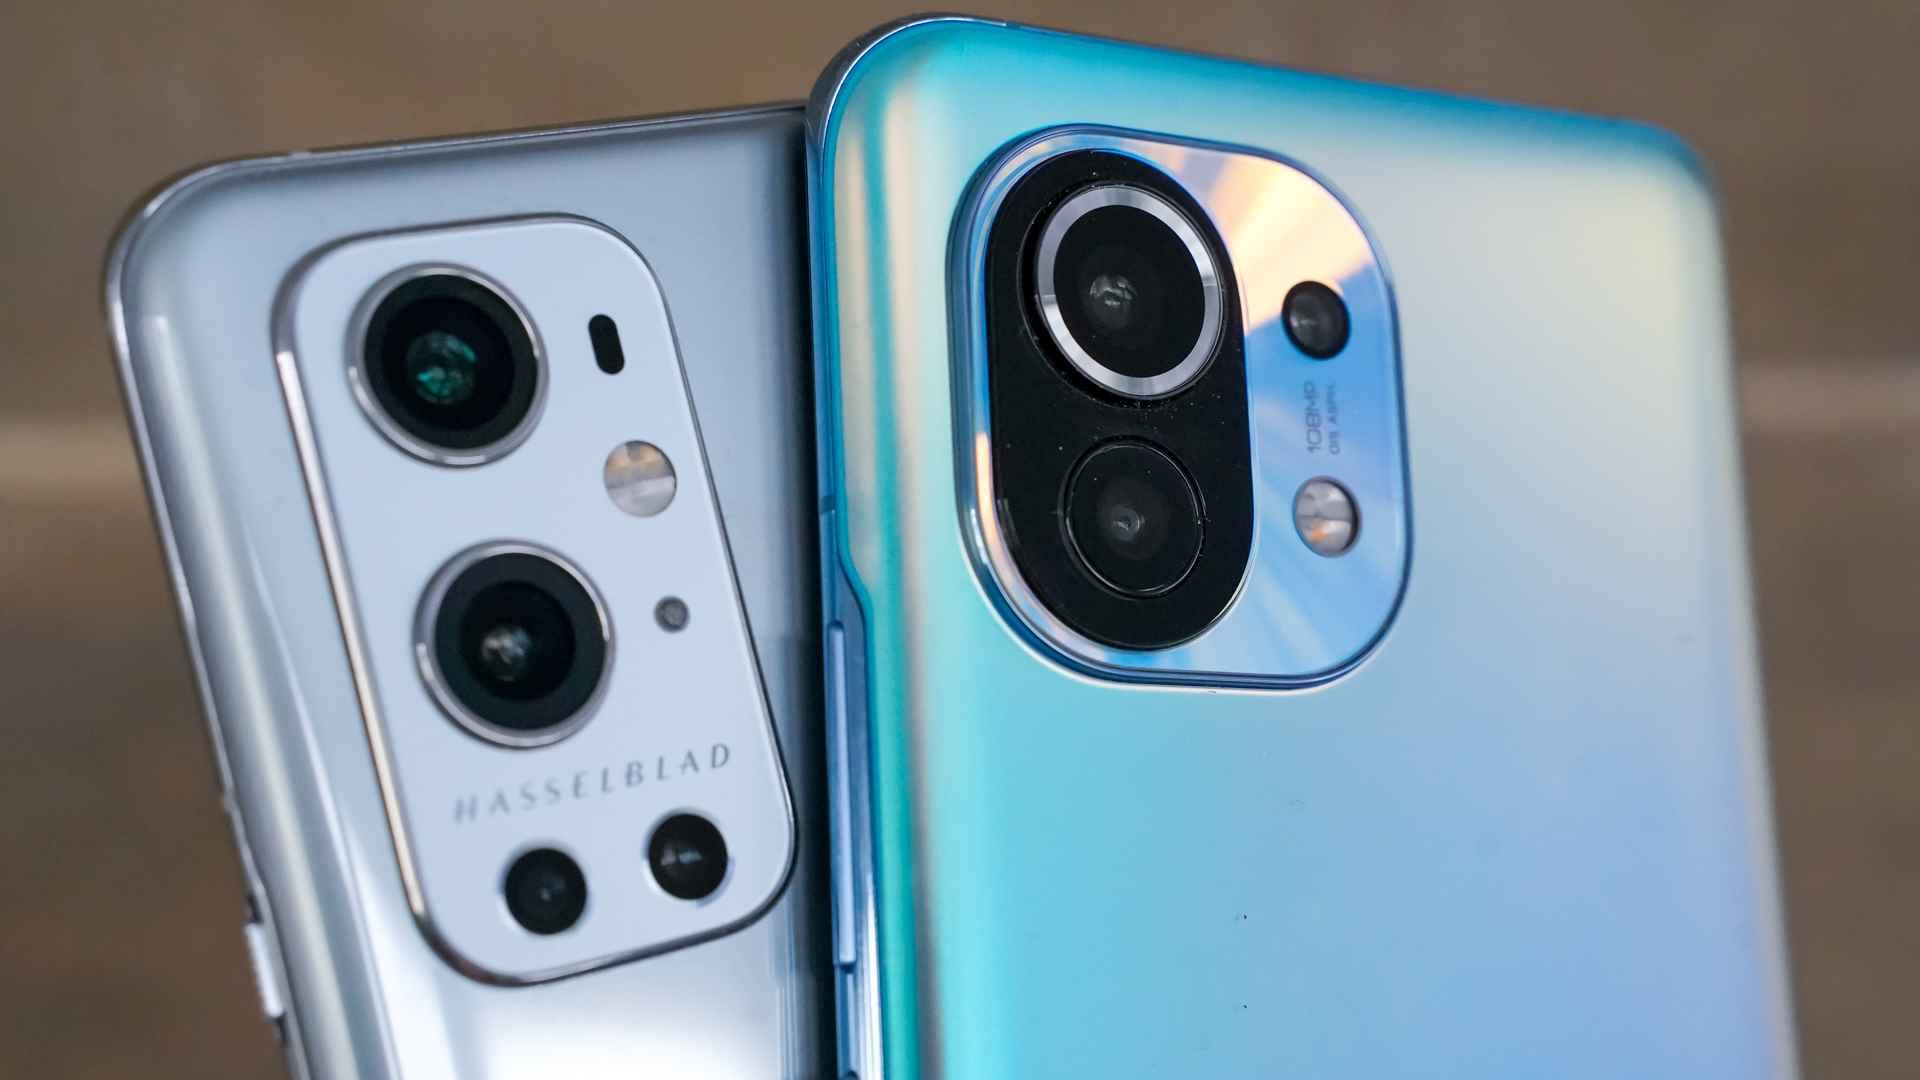 برآمدگی دوربین گوشی های هوشمند